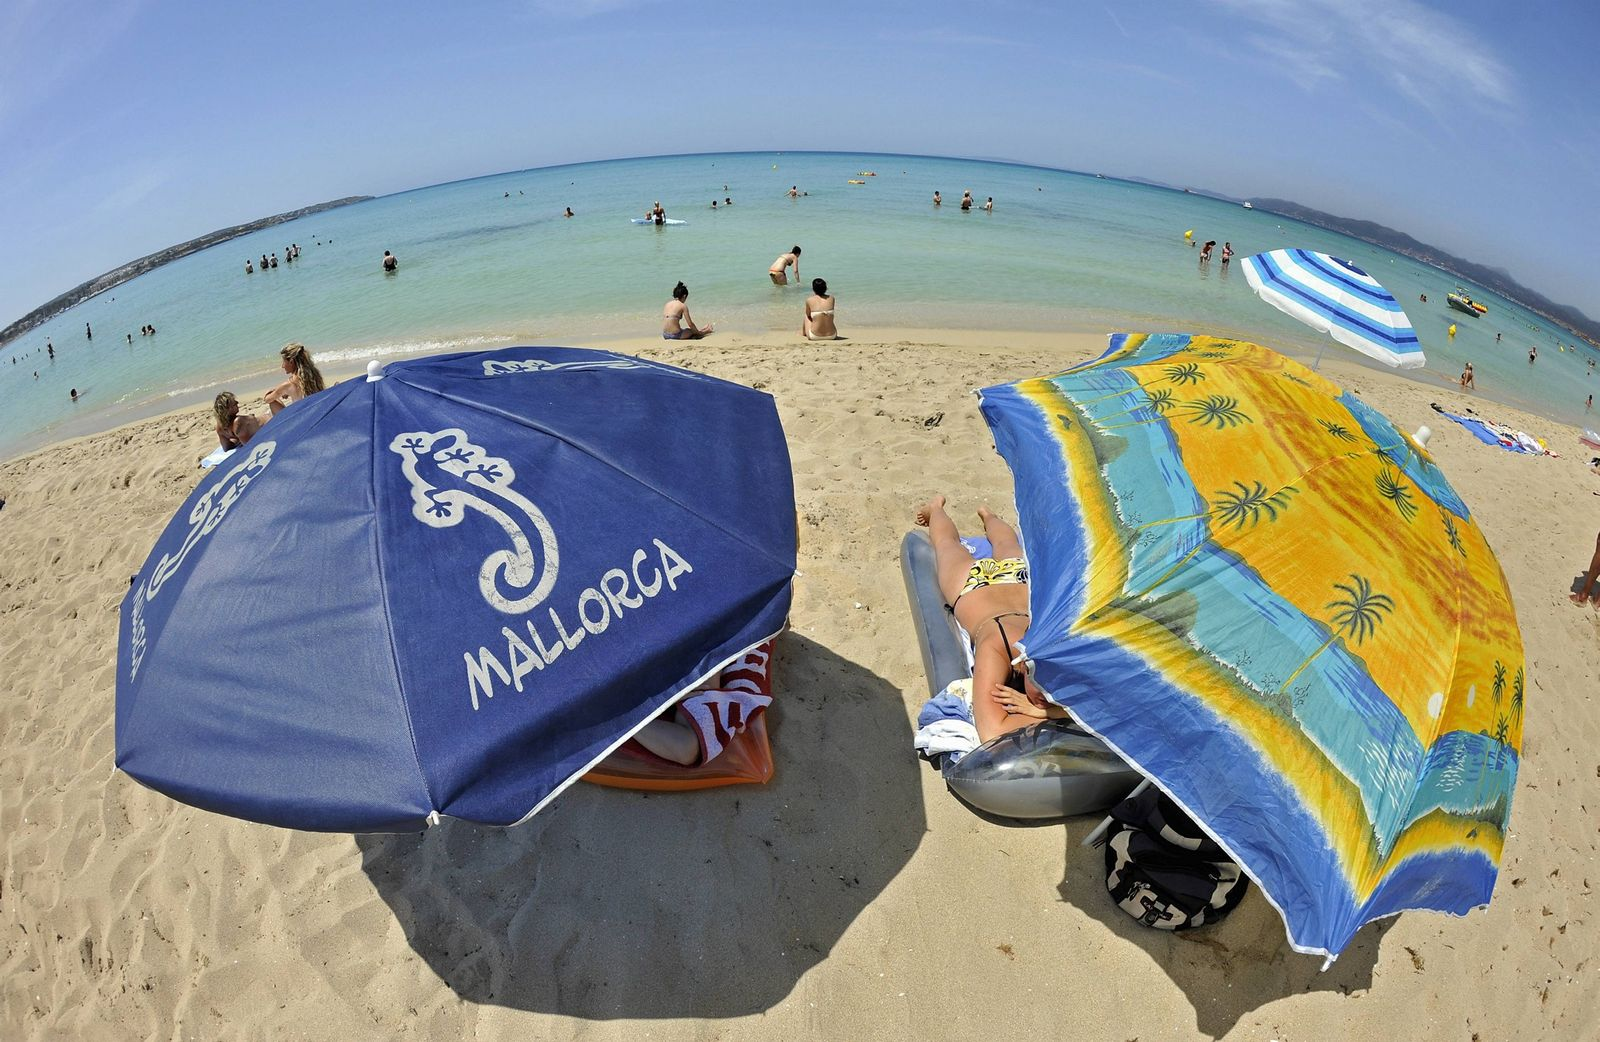 NICHT VERWENDEN Urlaub / Mallorca